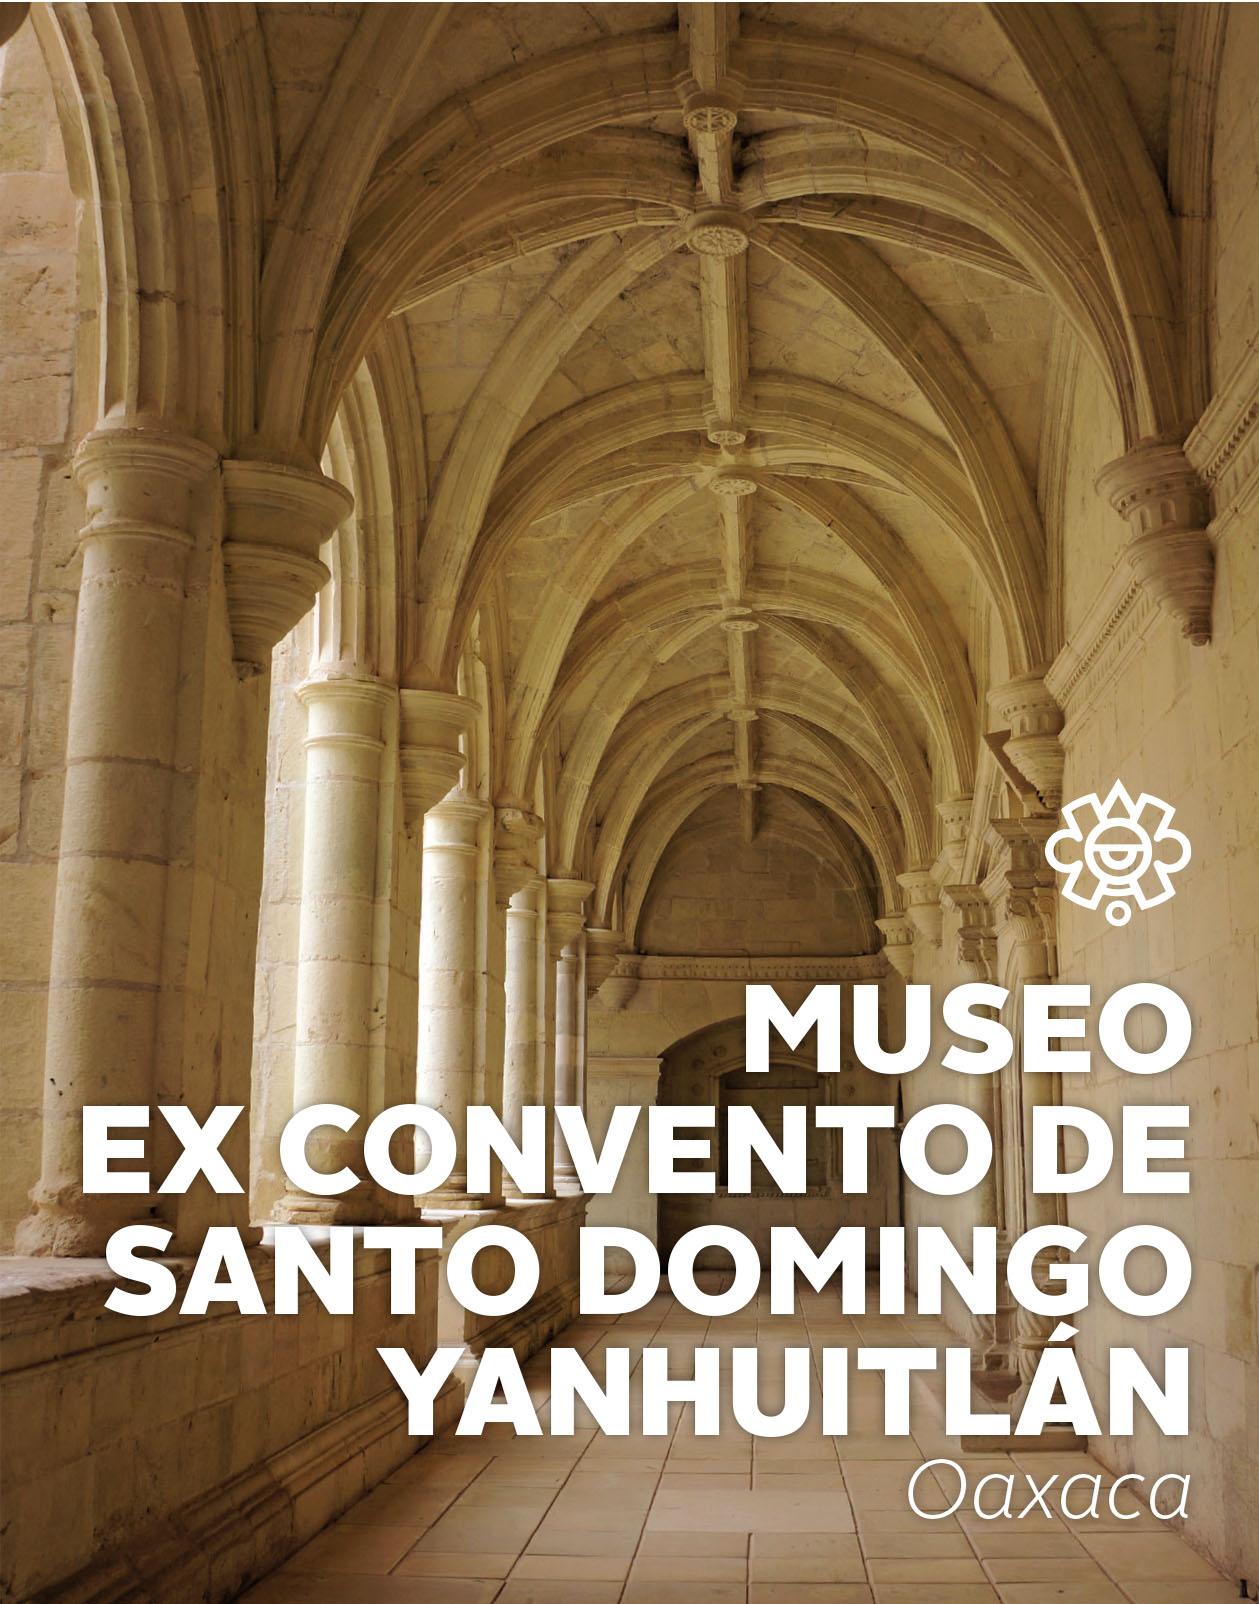 Museo ex Convento de Santo Domingo Yanhuitlán